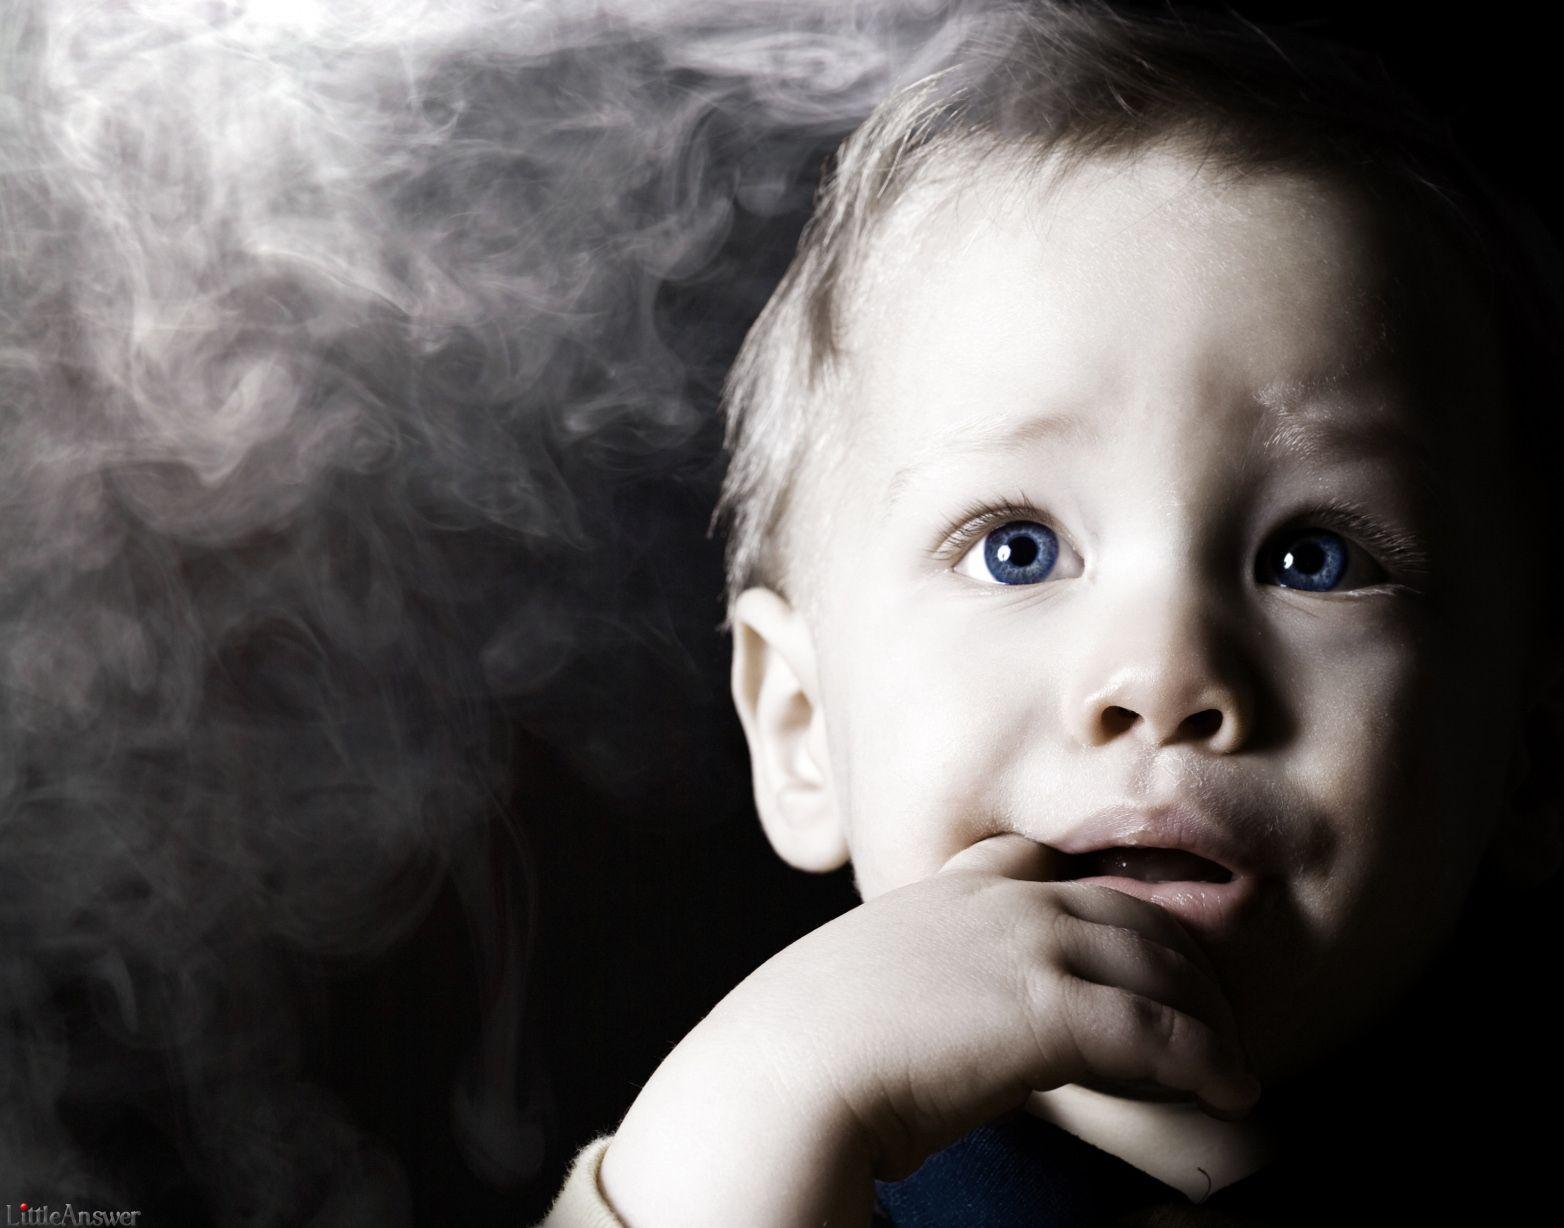 Sigara bağımlılığı çocuklar için tehdit